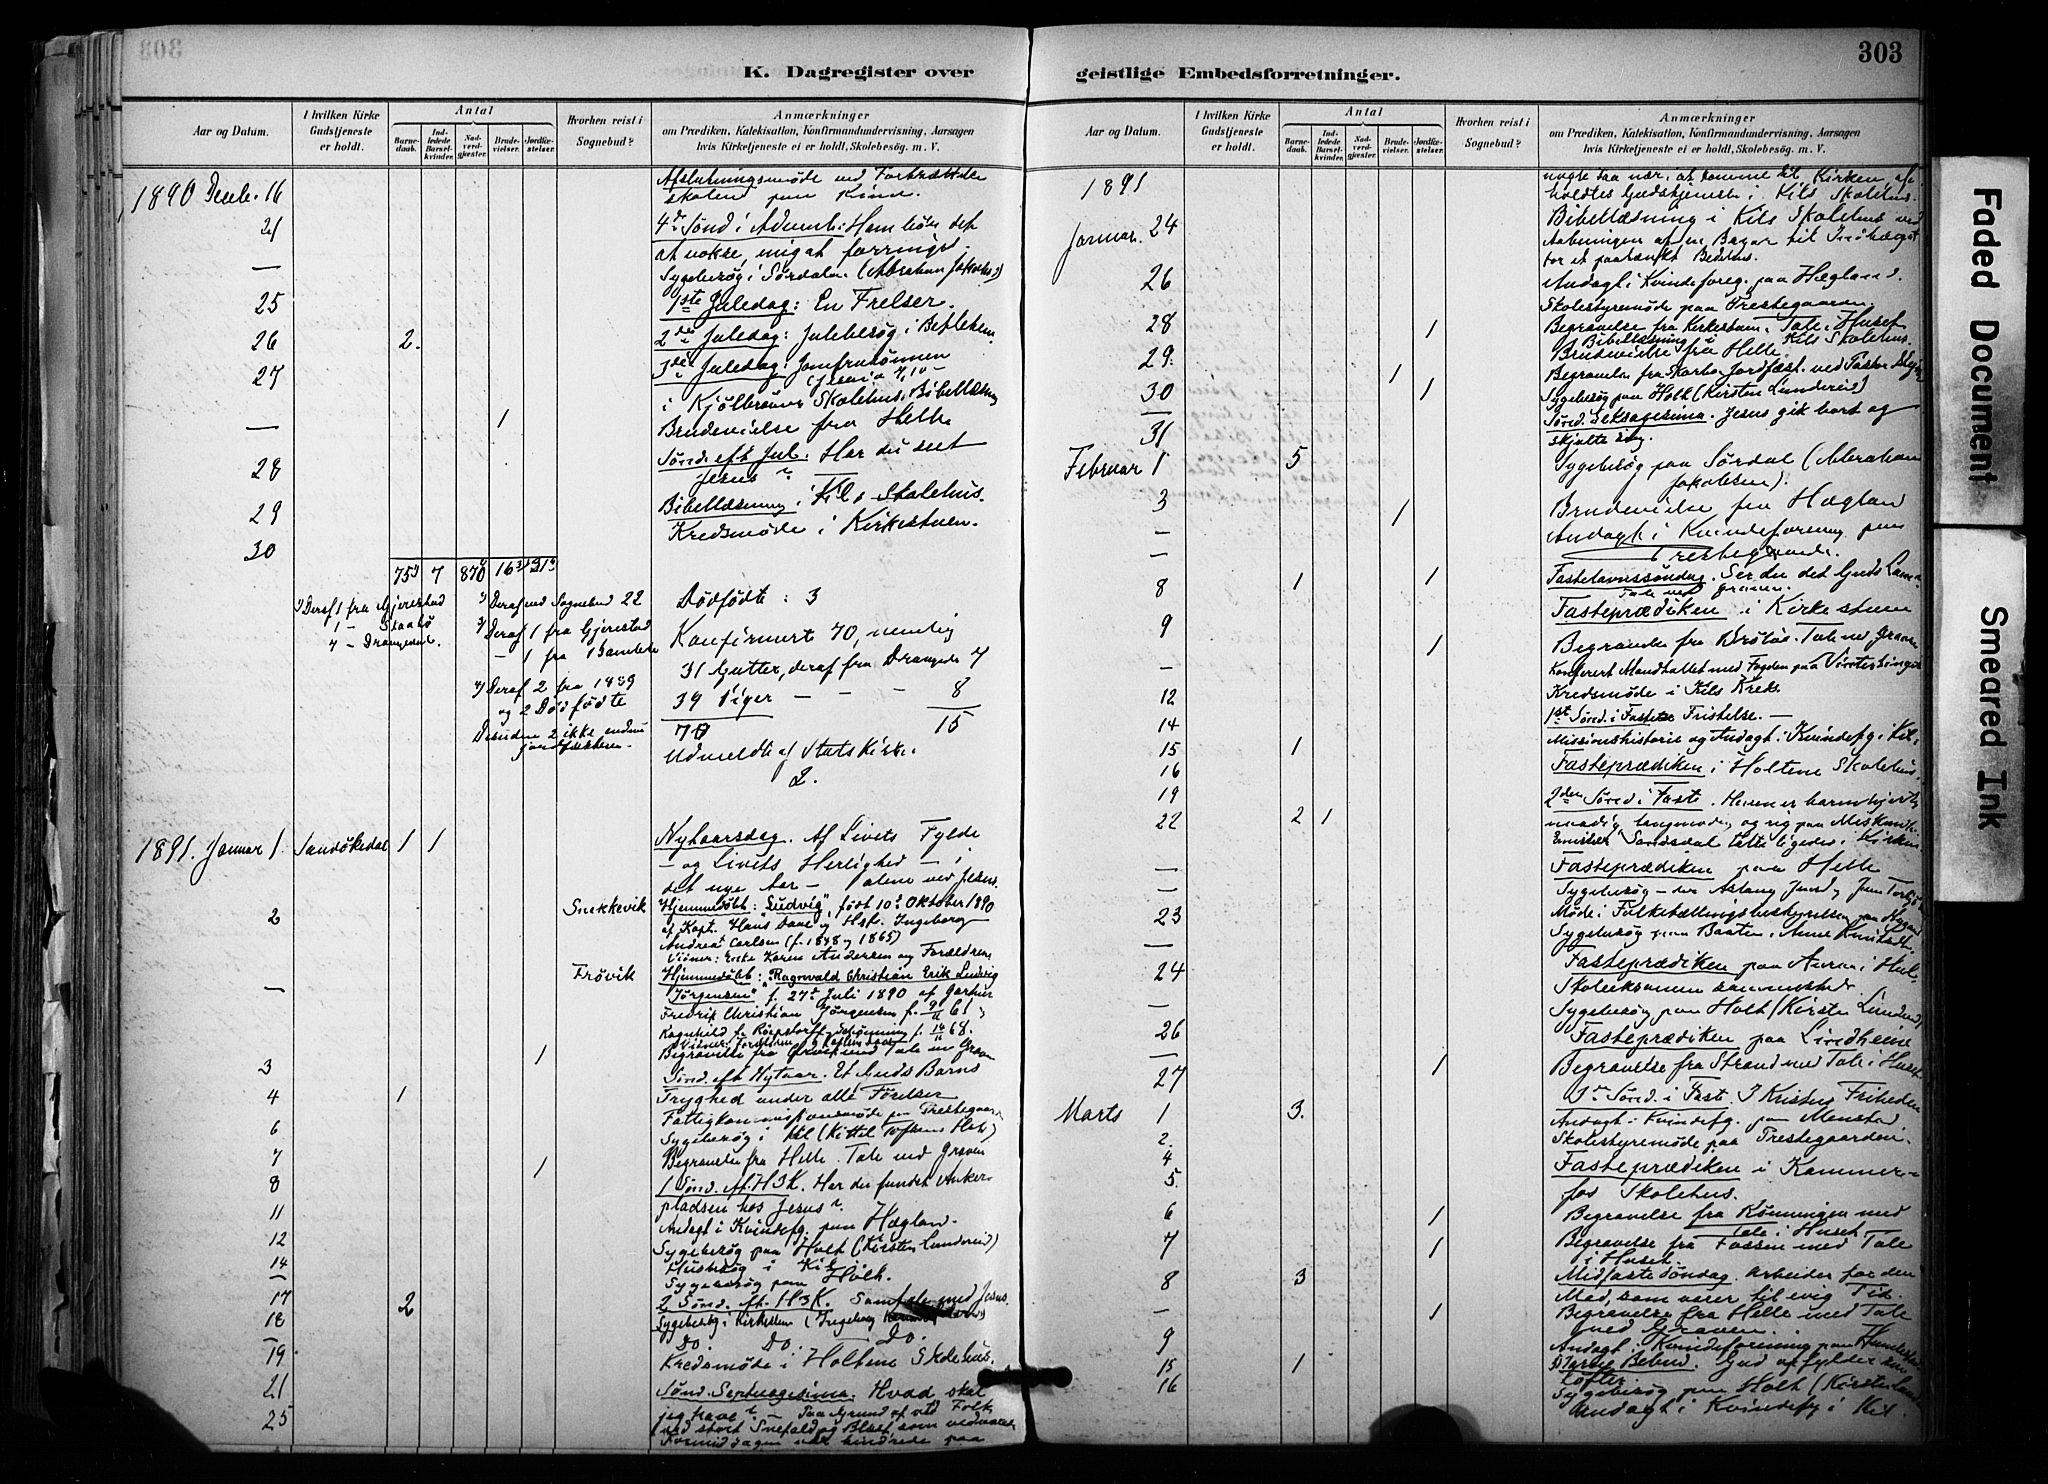 SAKO, Sannidal kirkebøker, F/Fa/L0015: Ministerialbok nr. 15, 1884-1899, s. 303